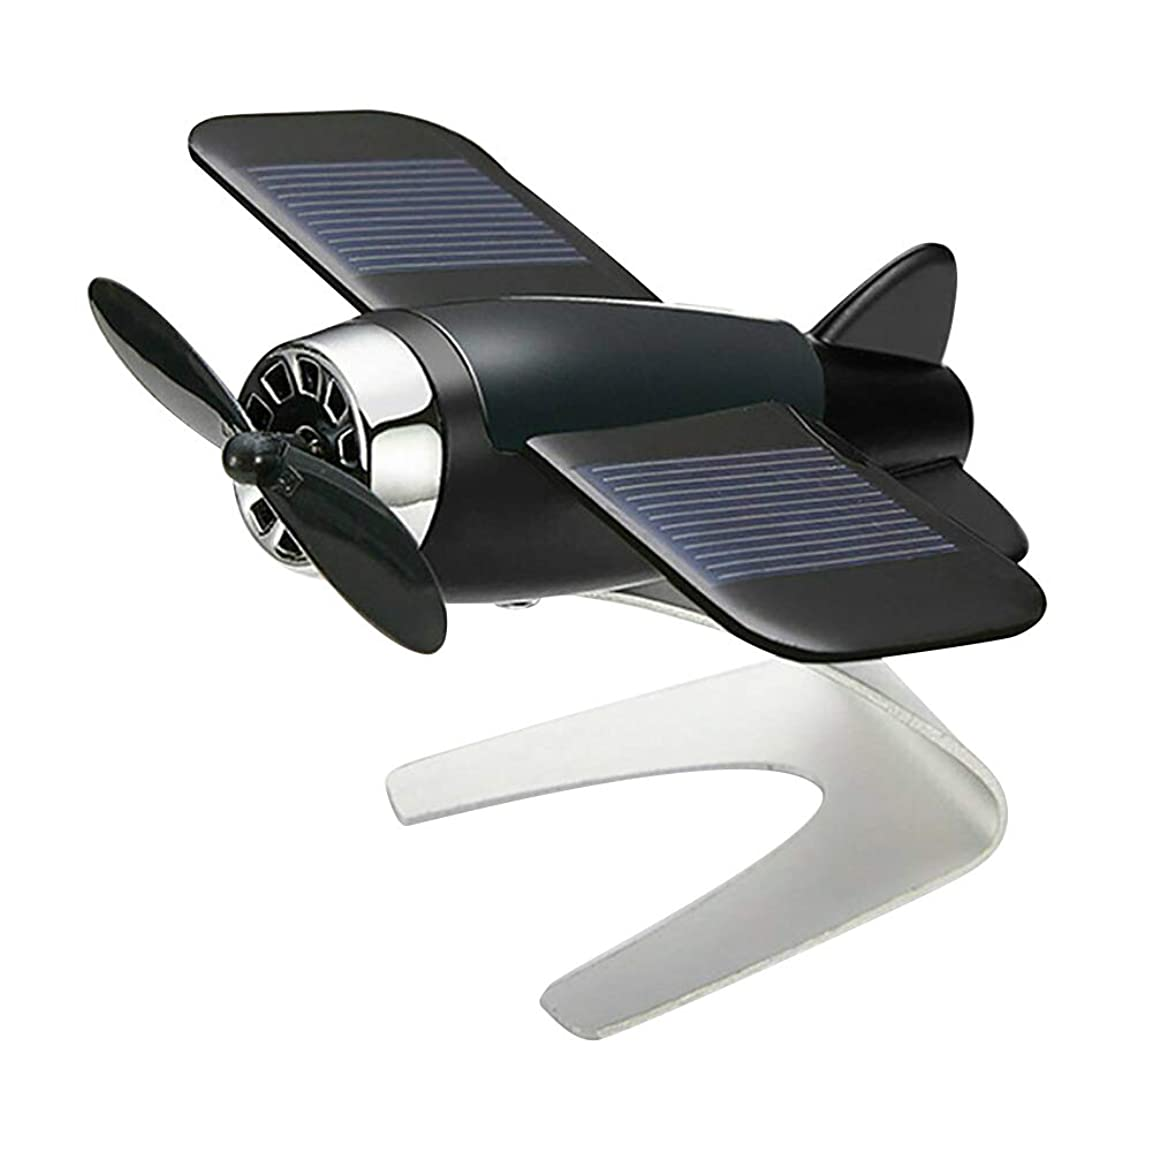 教える苦しみ収穫Symboat 車の芳香剤飛行機航空機モデル太陽エネルギーアロマテラピー室内装飾